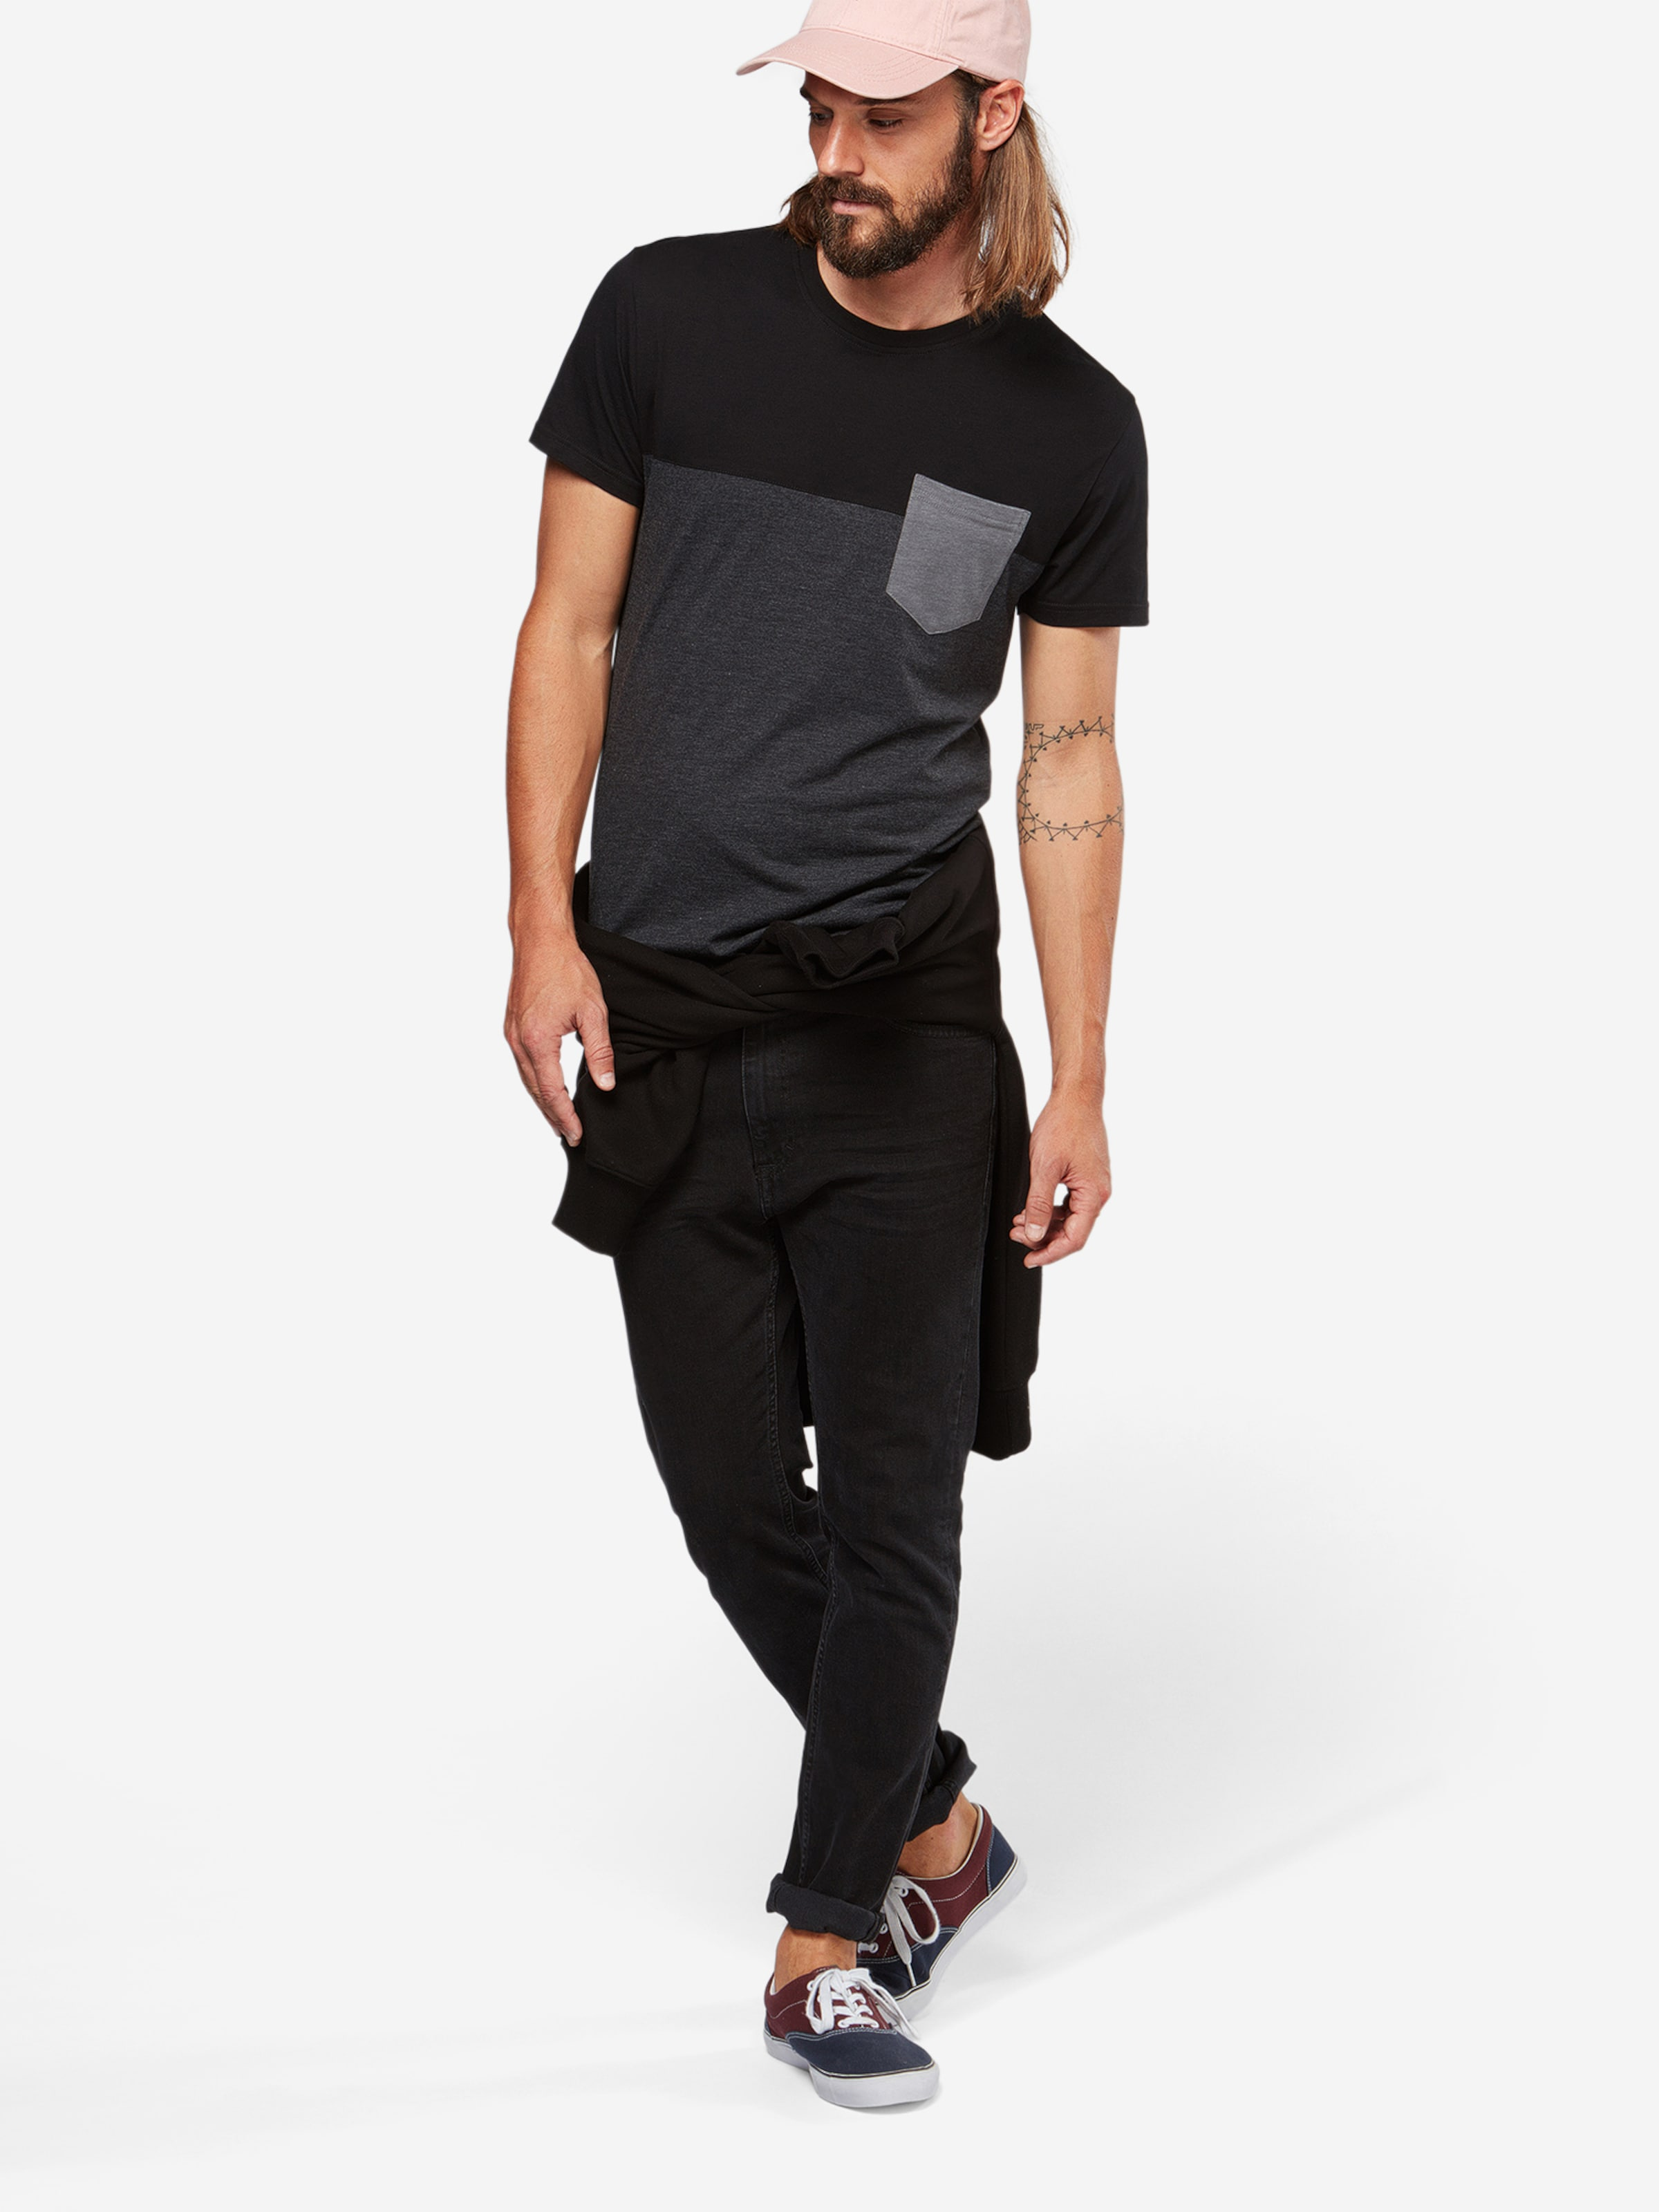 T Iriedaily shirt GrauSchwarz In N8mwn0